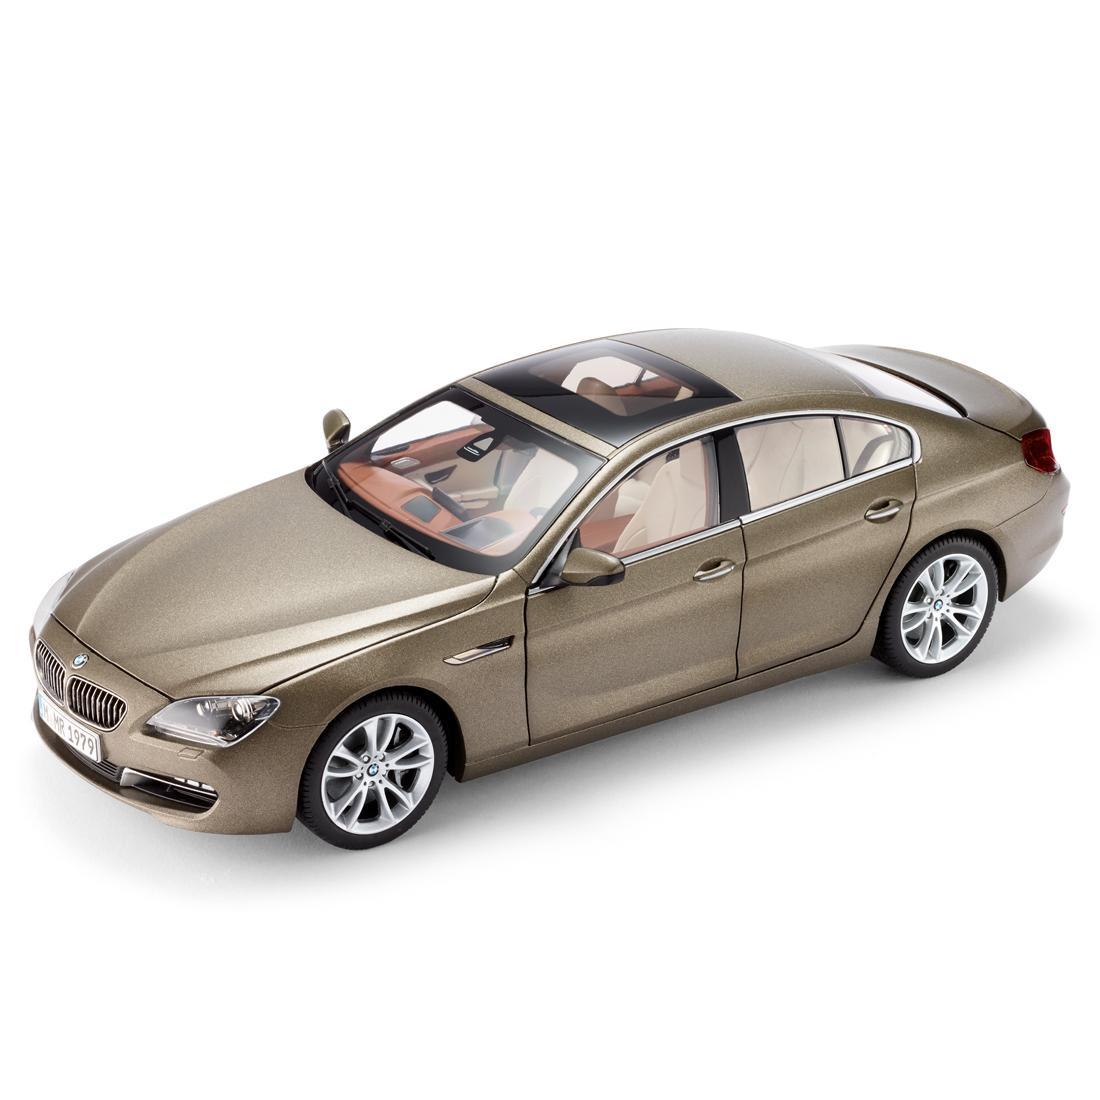 ShopBMWUSA.com: BMW 6 SERIES GRAN COUPÉ (F06